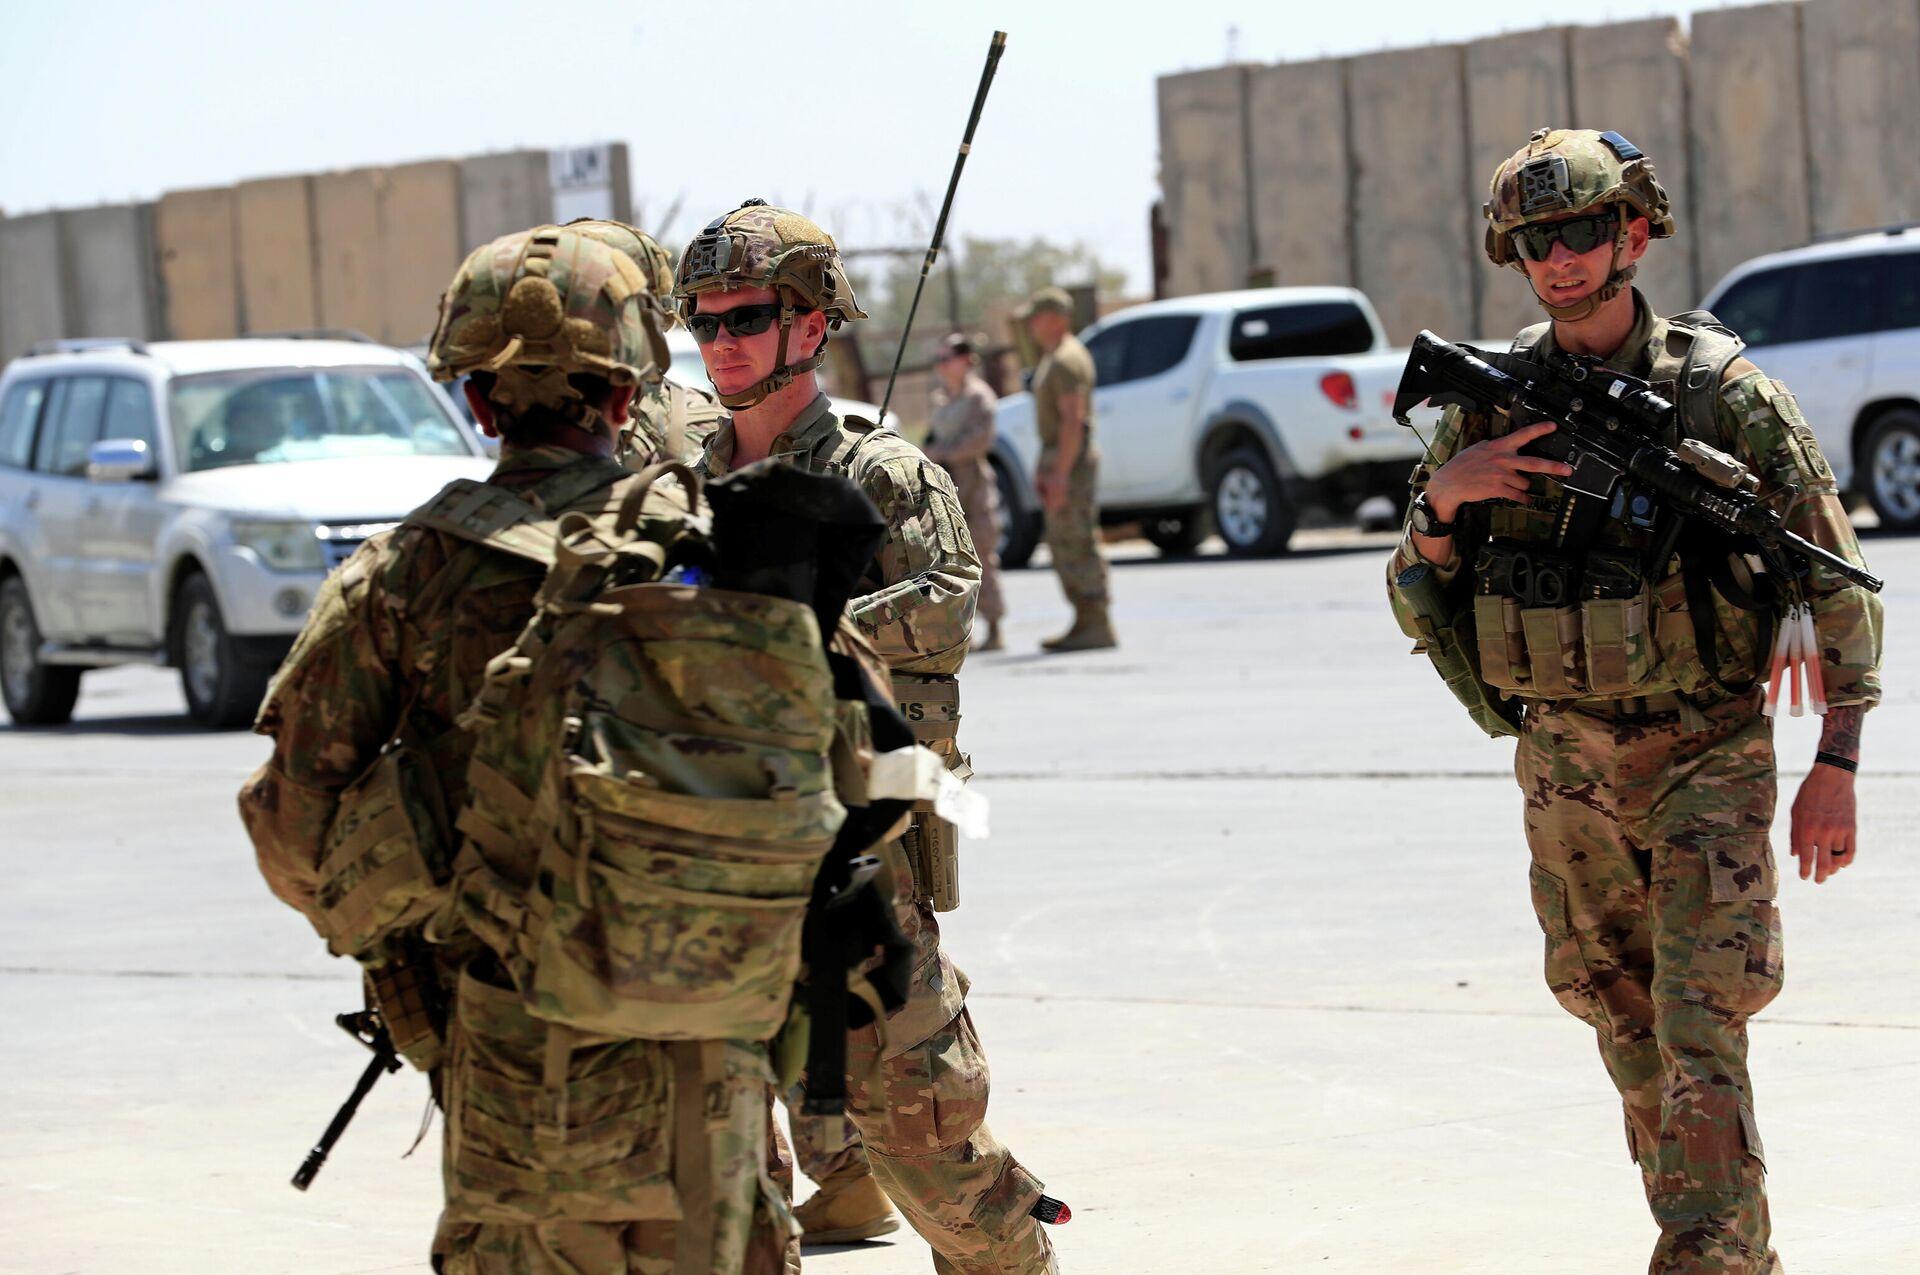 Солдаты США во время передачи военной базы Таджи войсками коалиции под руководством США силам безопасности Ирака на базе к северу от Багдада в Ираке - ПРОФИ Новости, 1920, 18.09.2020